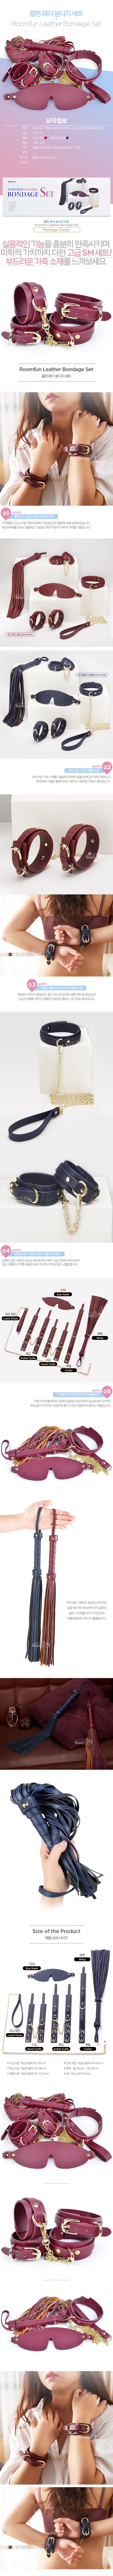 [SM 세트] 룸펀 레더 본디지 세트(Roomfun Leather Bondage Set) - 룸펀(ZW-077A)